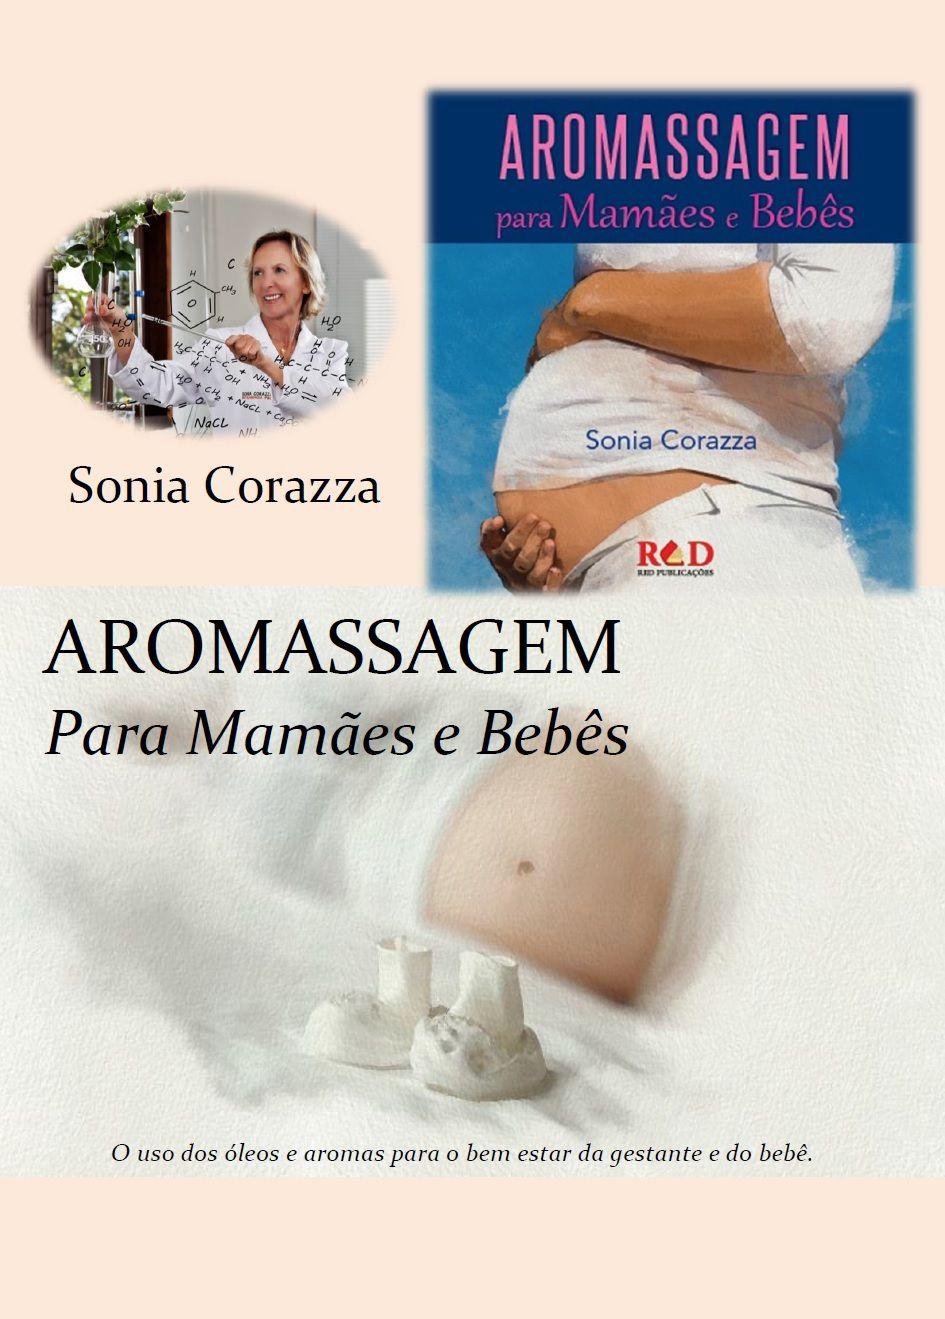 AROMASSAGEM PARA MAMÃES E BEBES